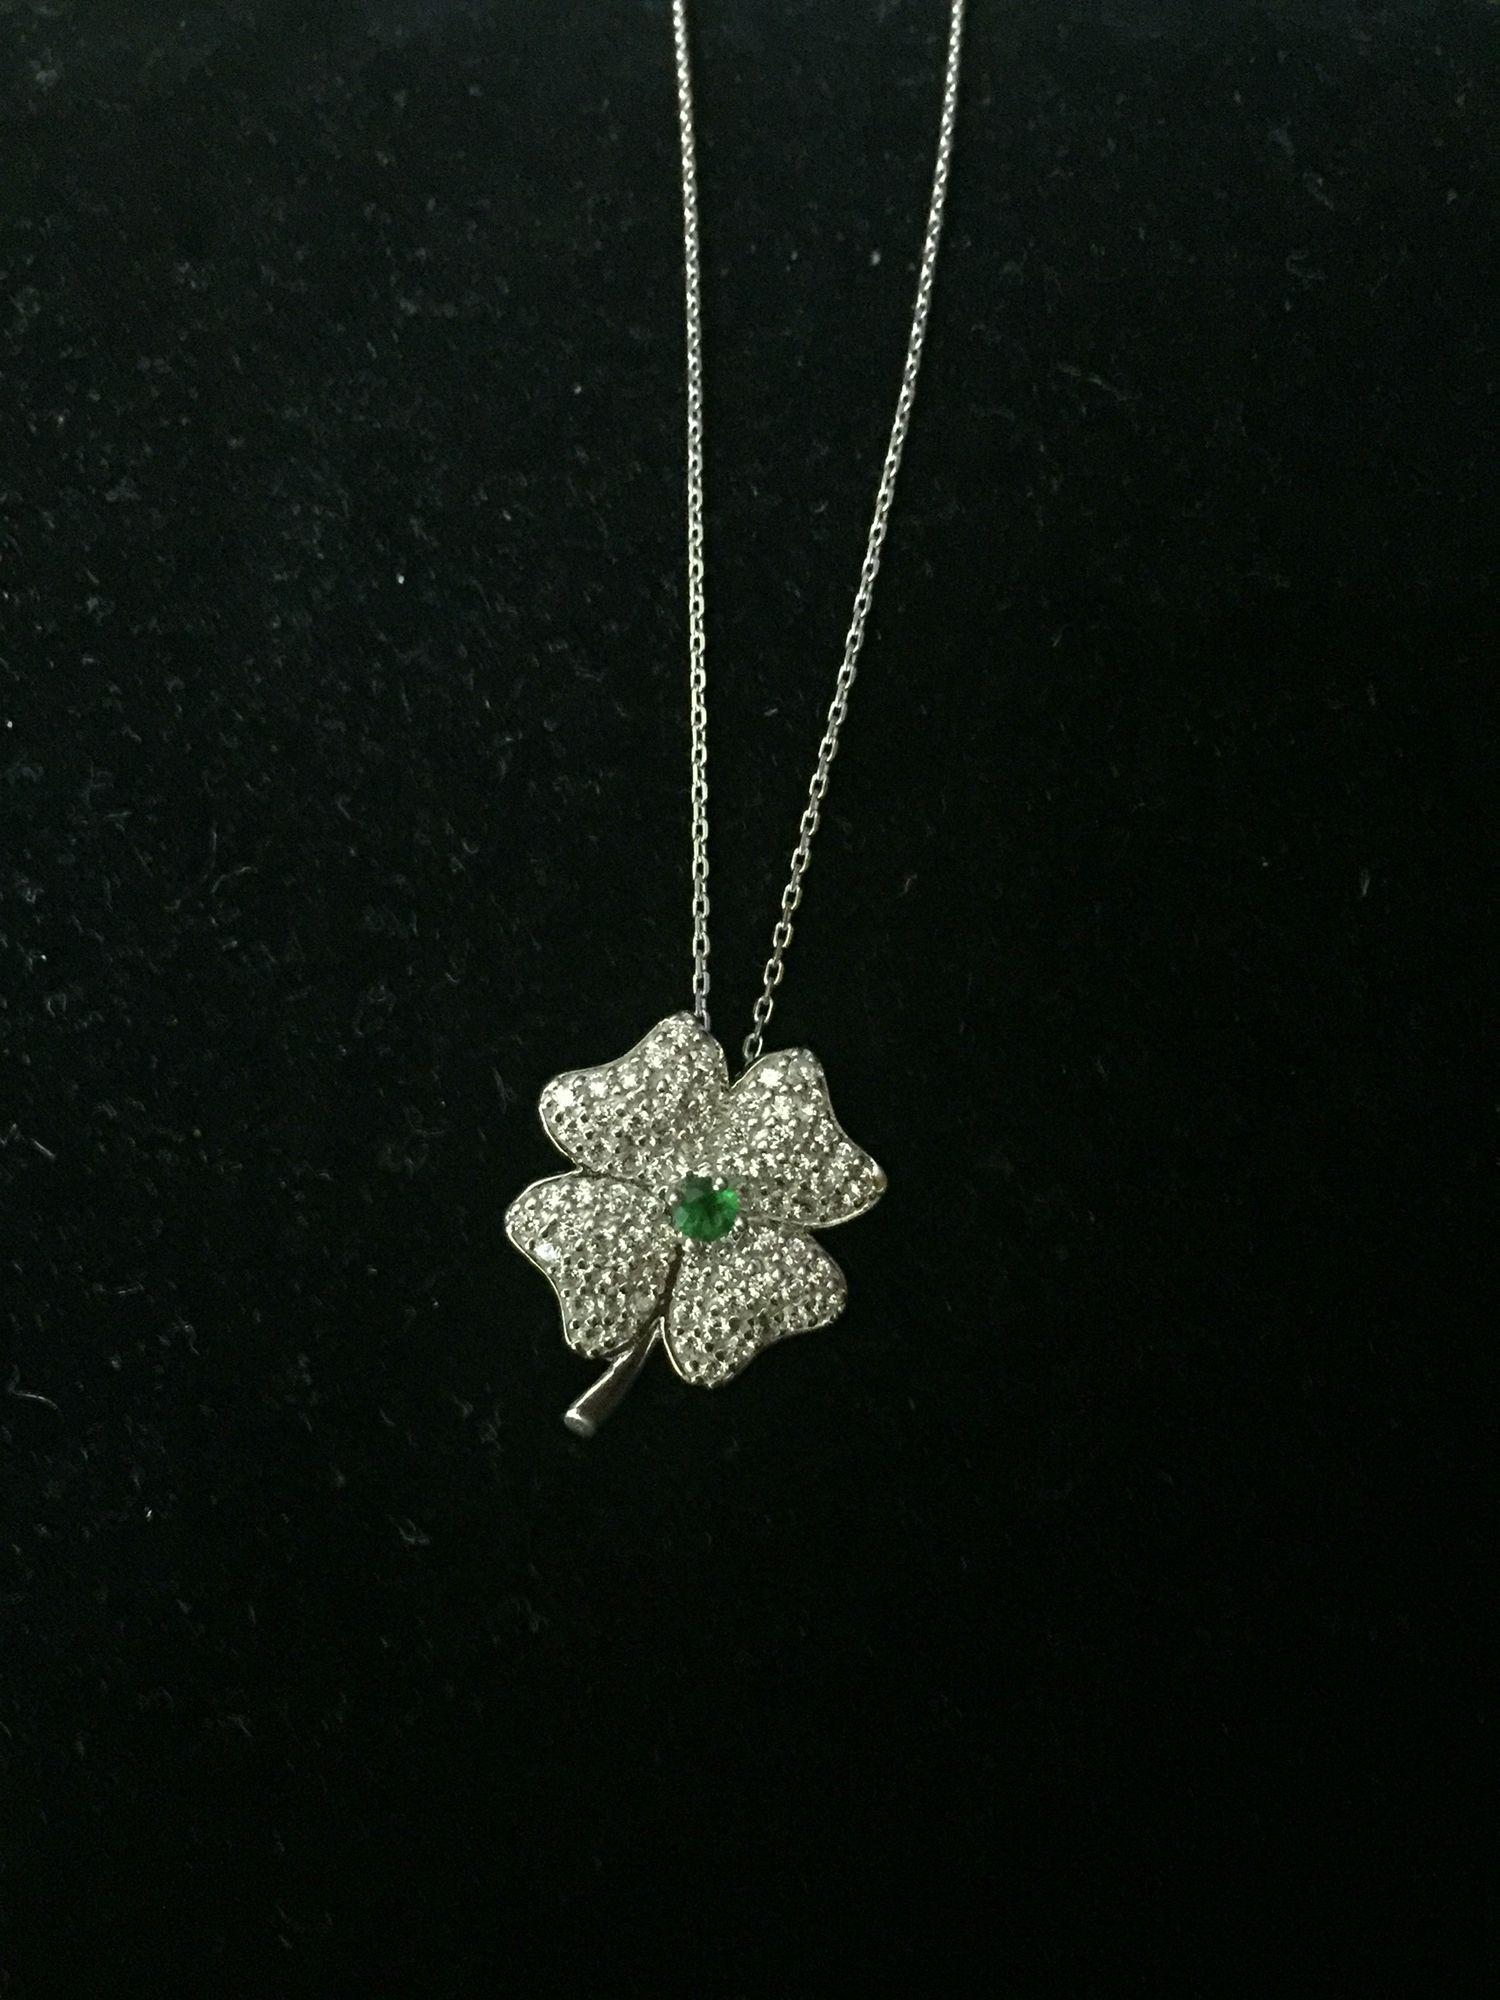 Increíble collar de plata con incrustaciones TRÉBOL.  #accessories #luck #fashion #buy #beautiful   Info. 9991279852  Envíos a todo México / Shipping